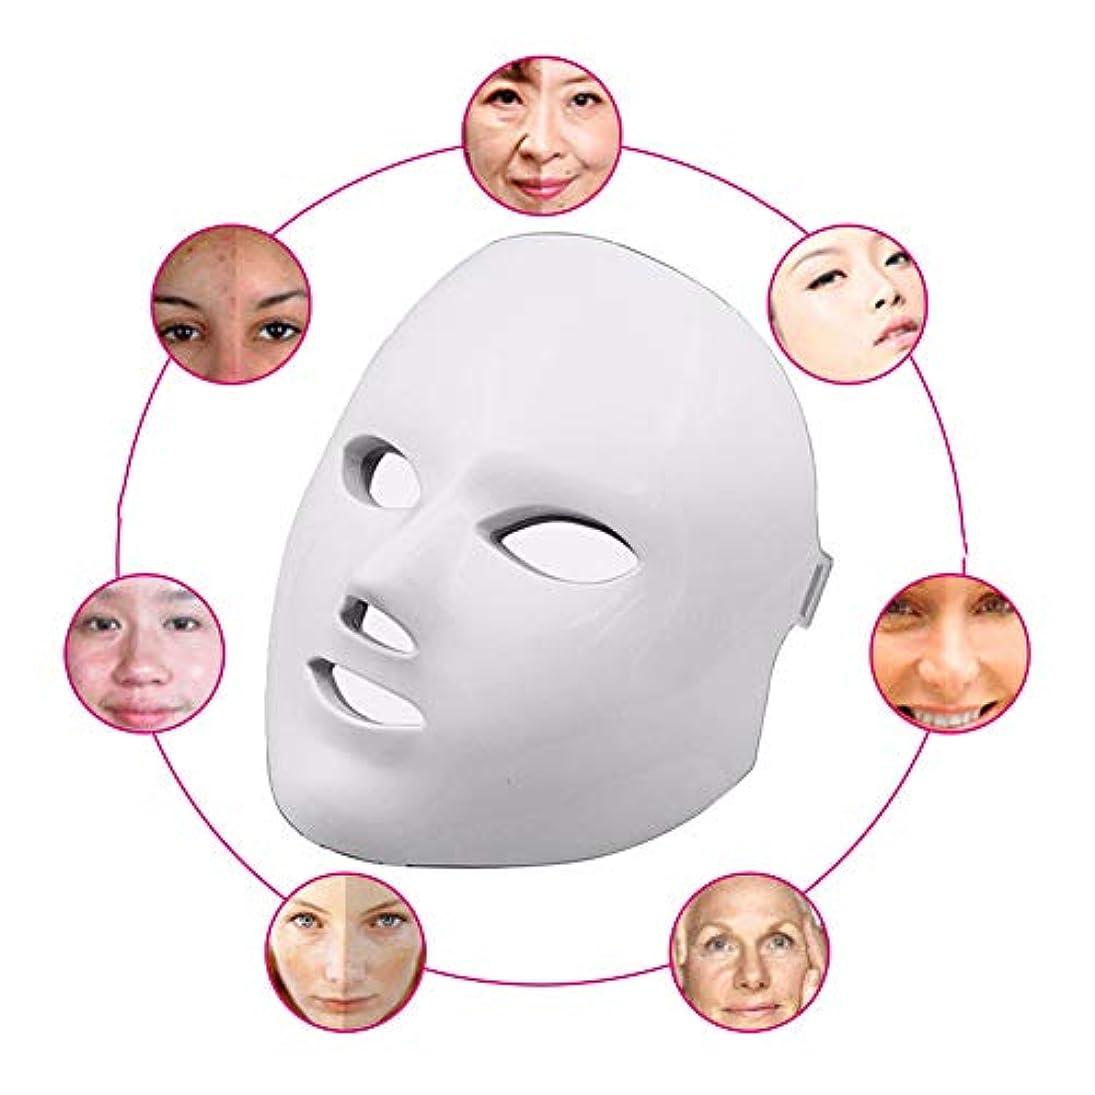 陪審清める存在する赤色光光子治療機7色ledマスク再生PDT抗にきびしわ顔の美しさマッサージツール,White